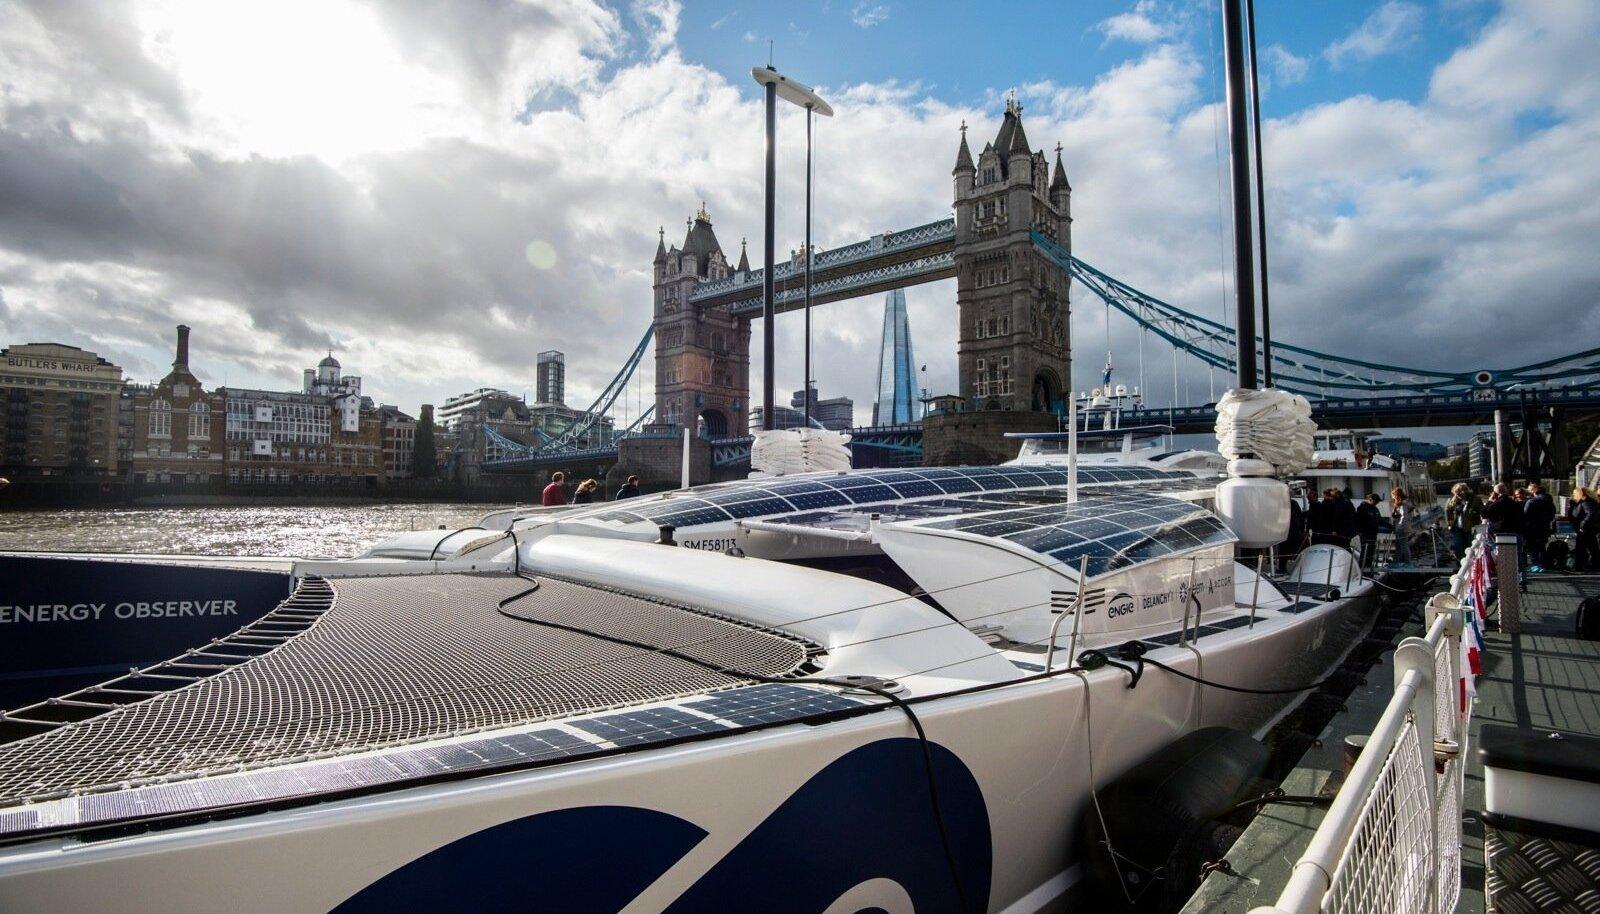 Londoni ajaloolise Toweri silla kõrval sadamas peatus katamaraan Energy Observer. Tegemist on täiesti autonoomse sõiduriistaga, mis ei vaja välist kütust.